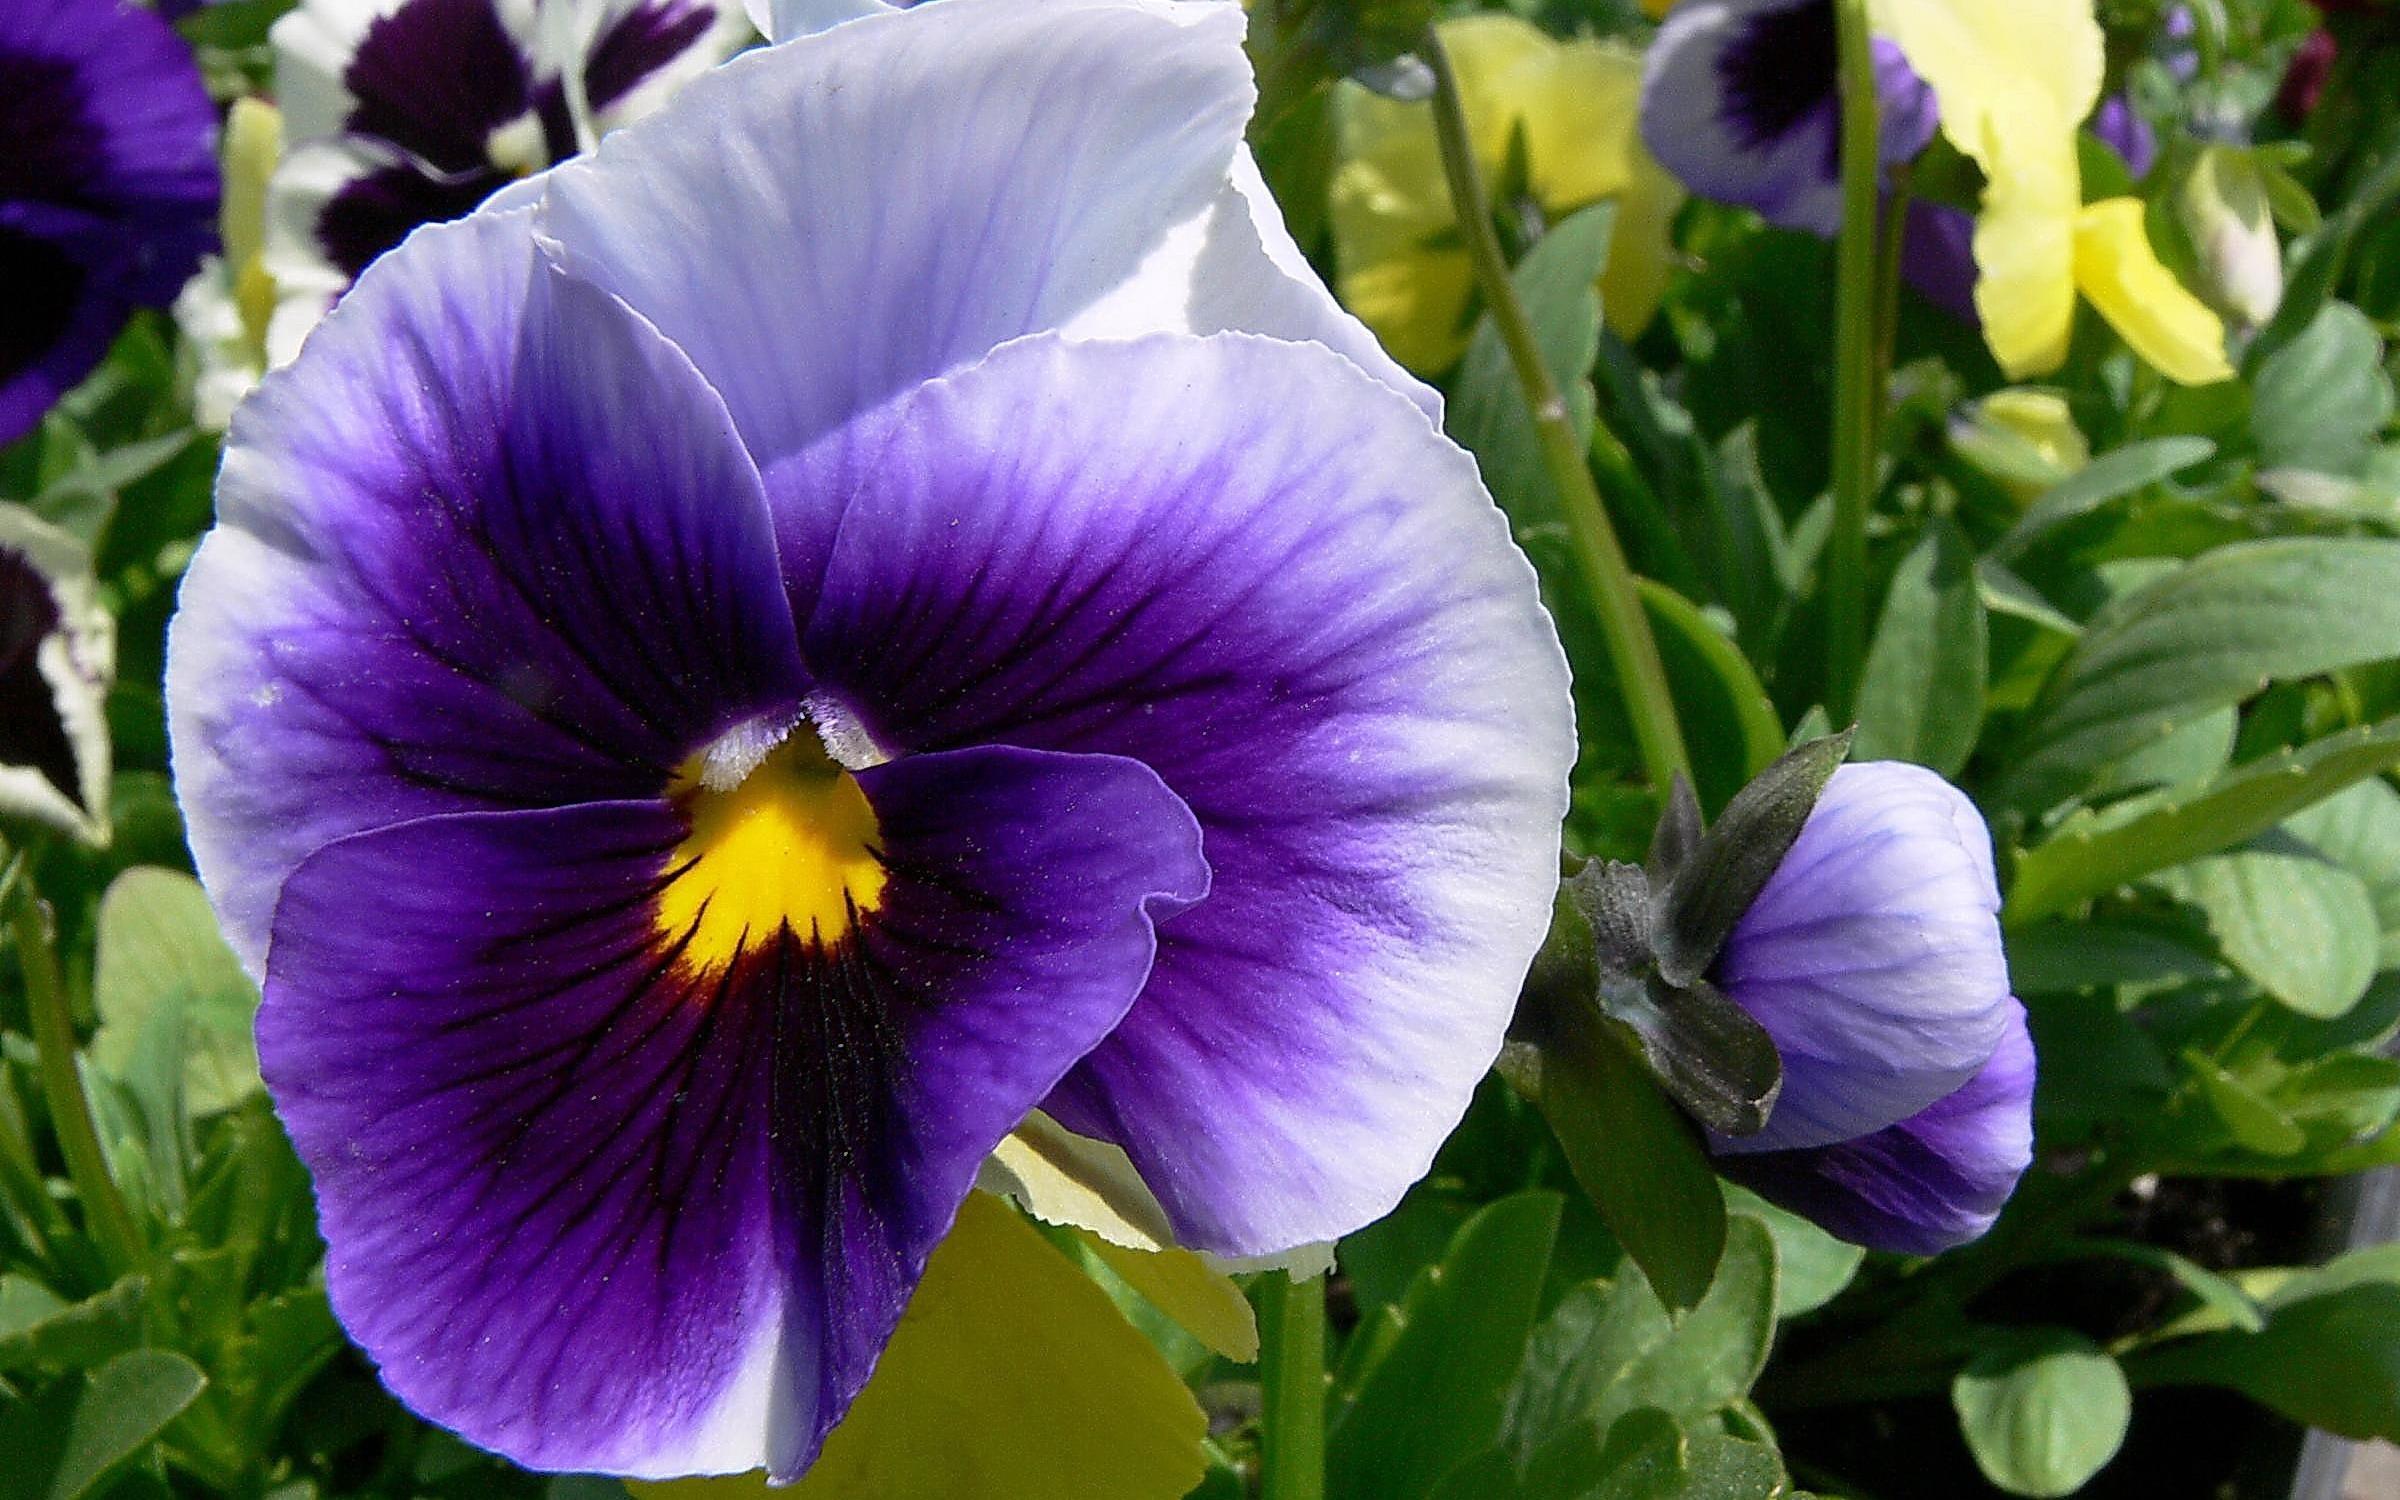 Цветы Анютины глазки (Виола) Обои ...: fon1.ru/load/139-1-0-33673